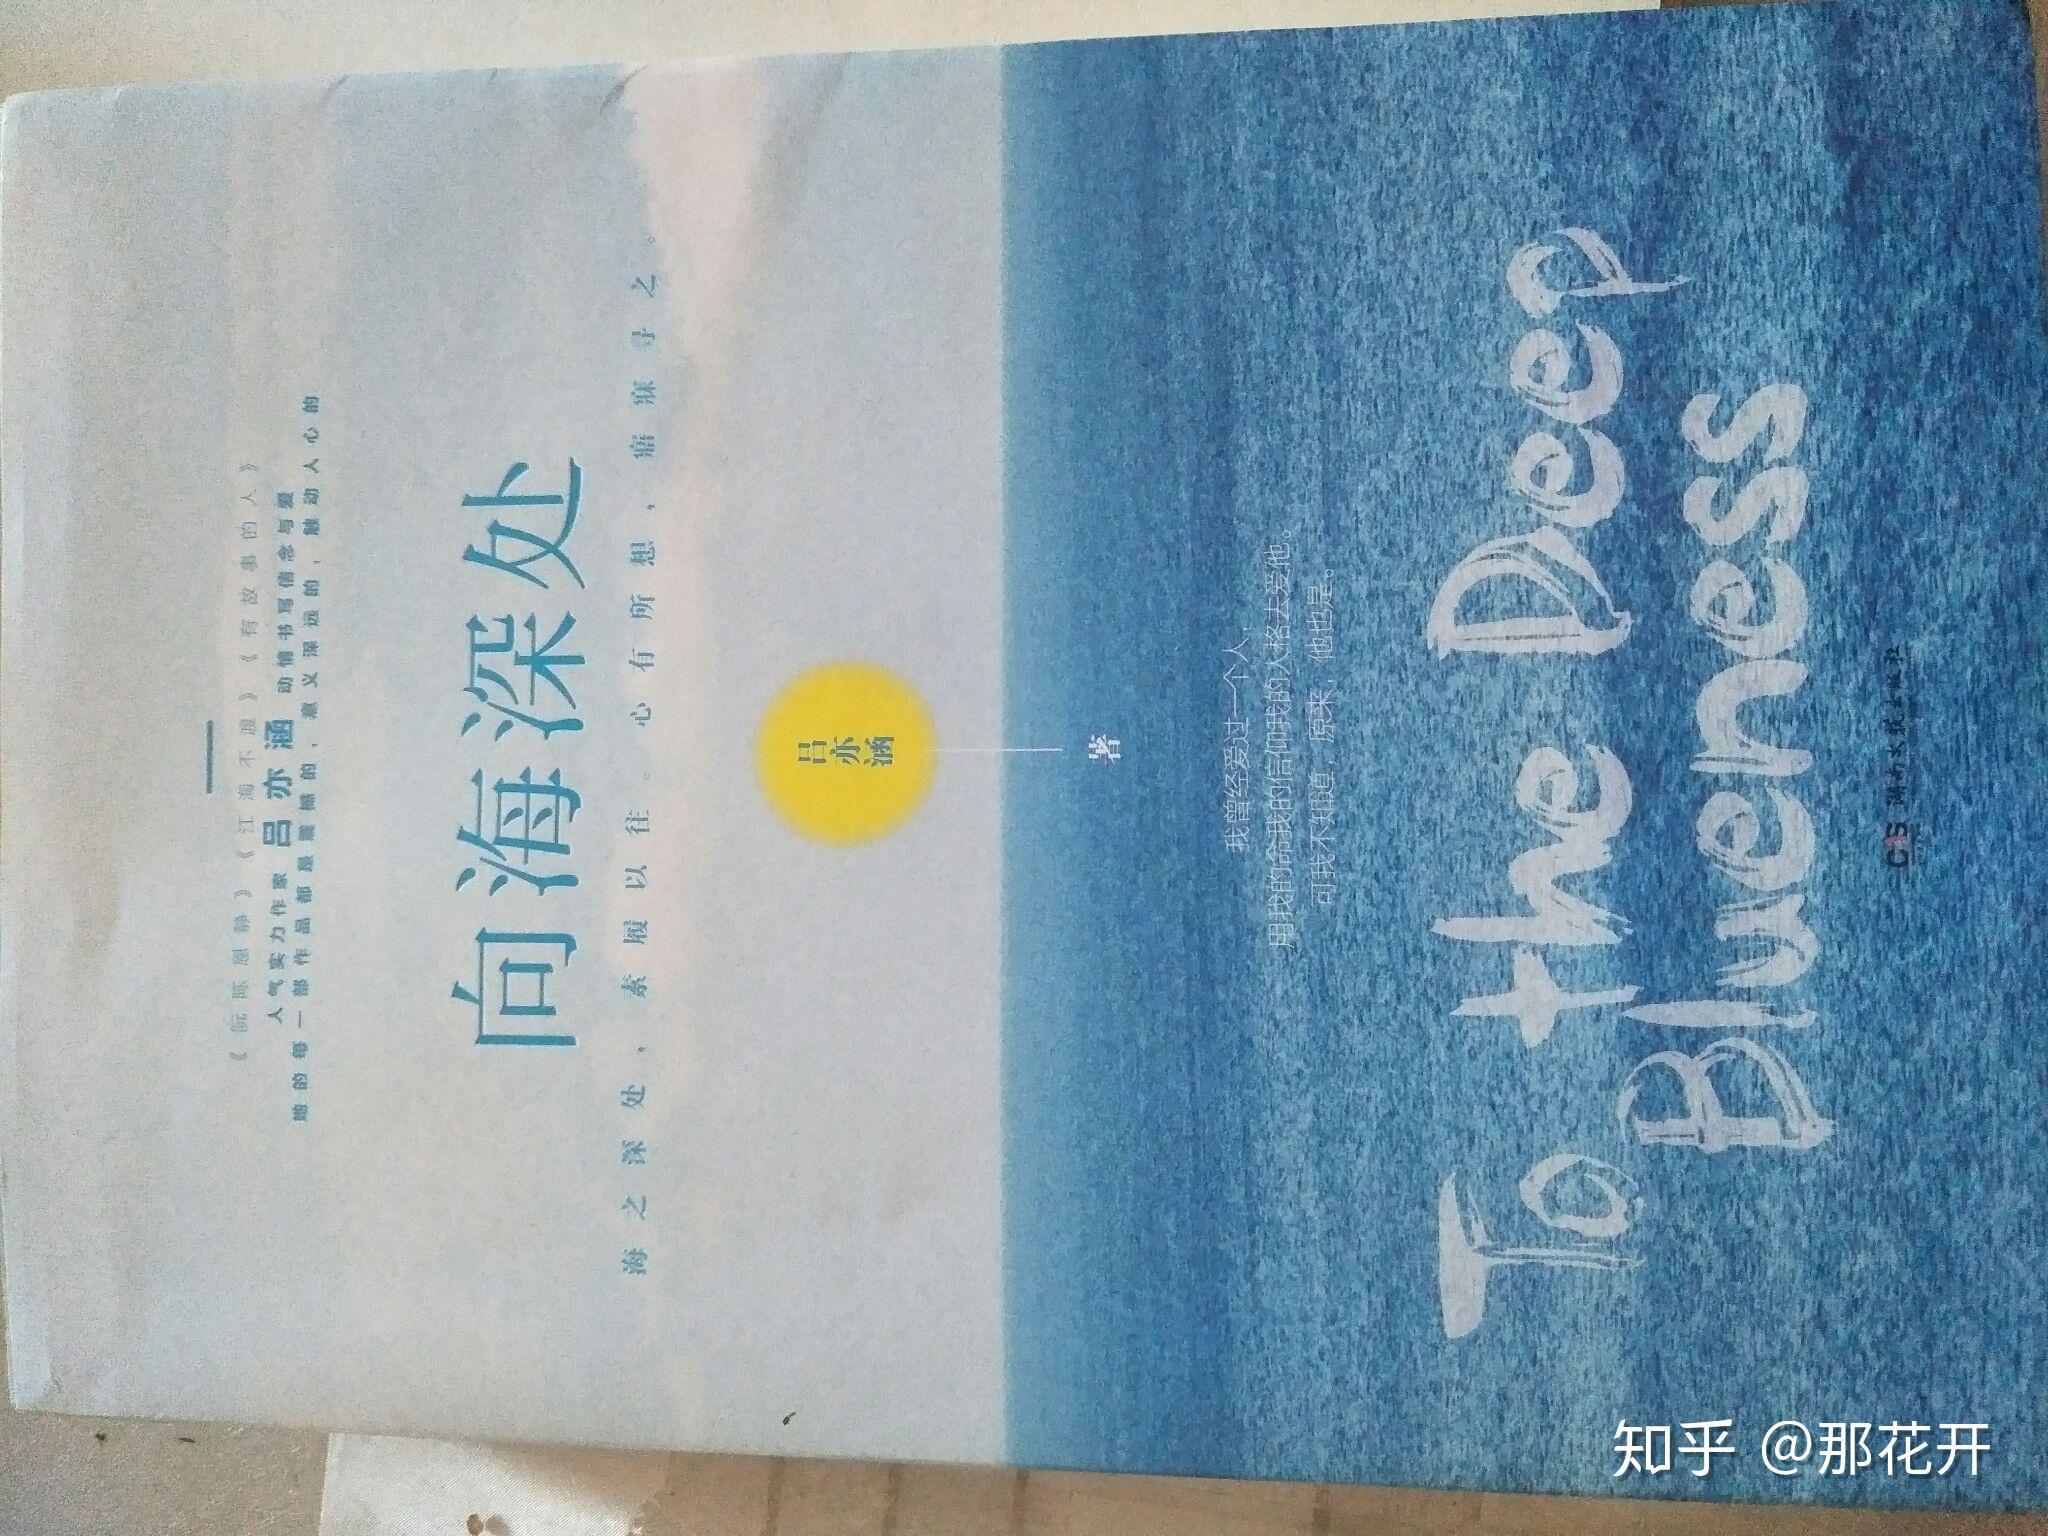 《向海深处》txt下载 向海深处txt百度云